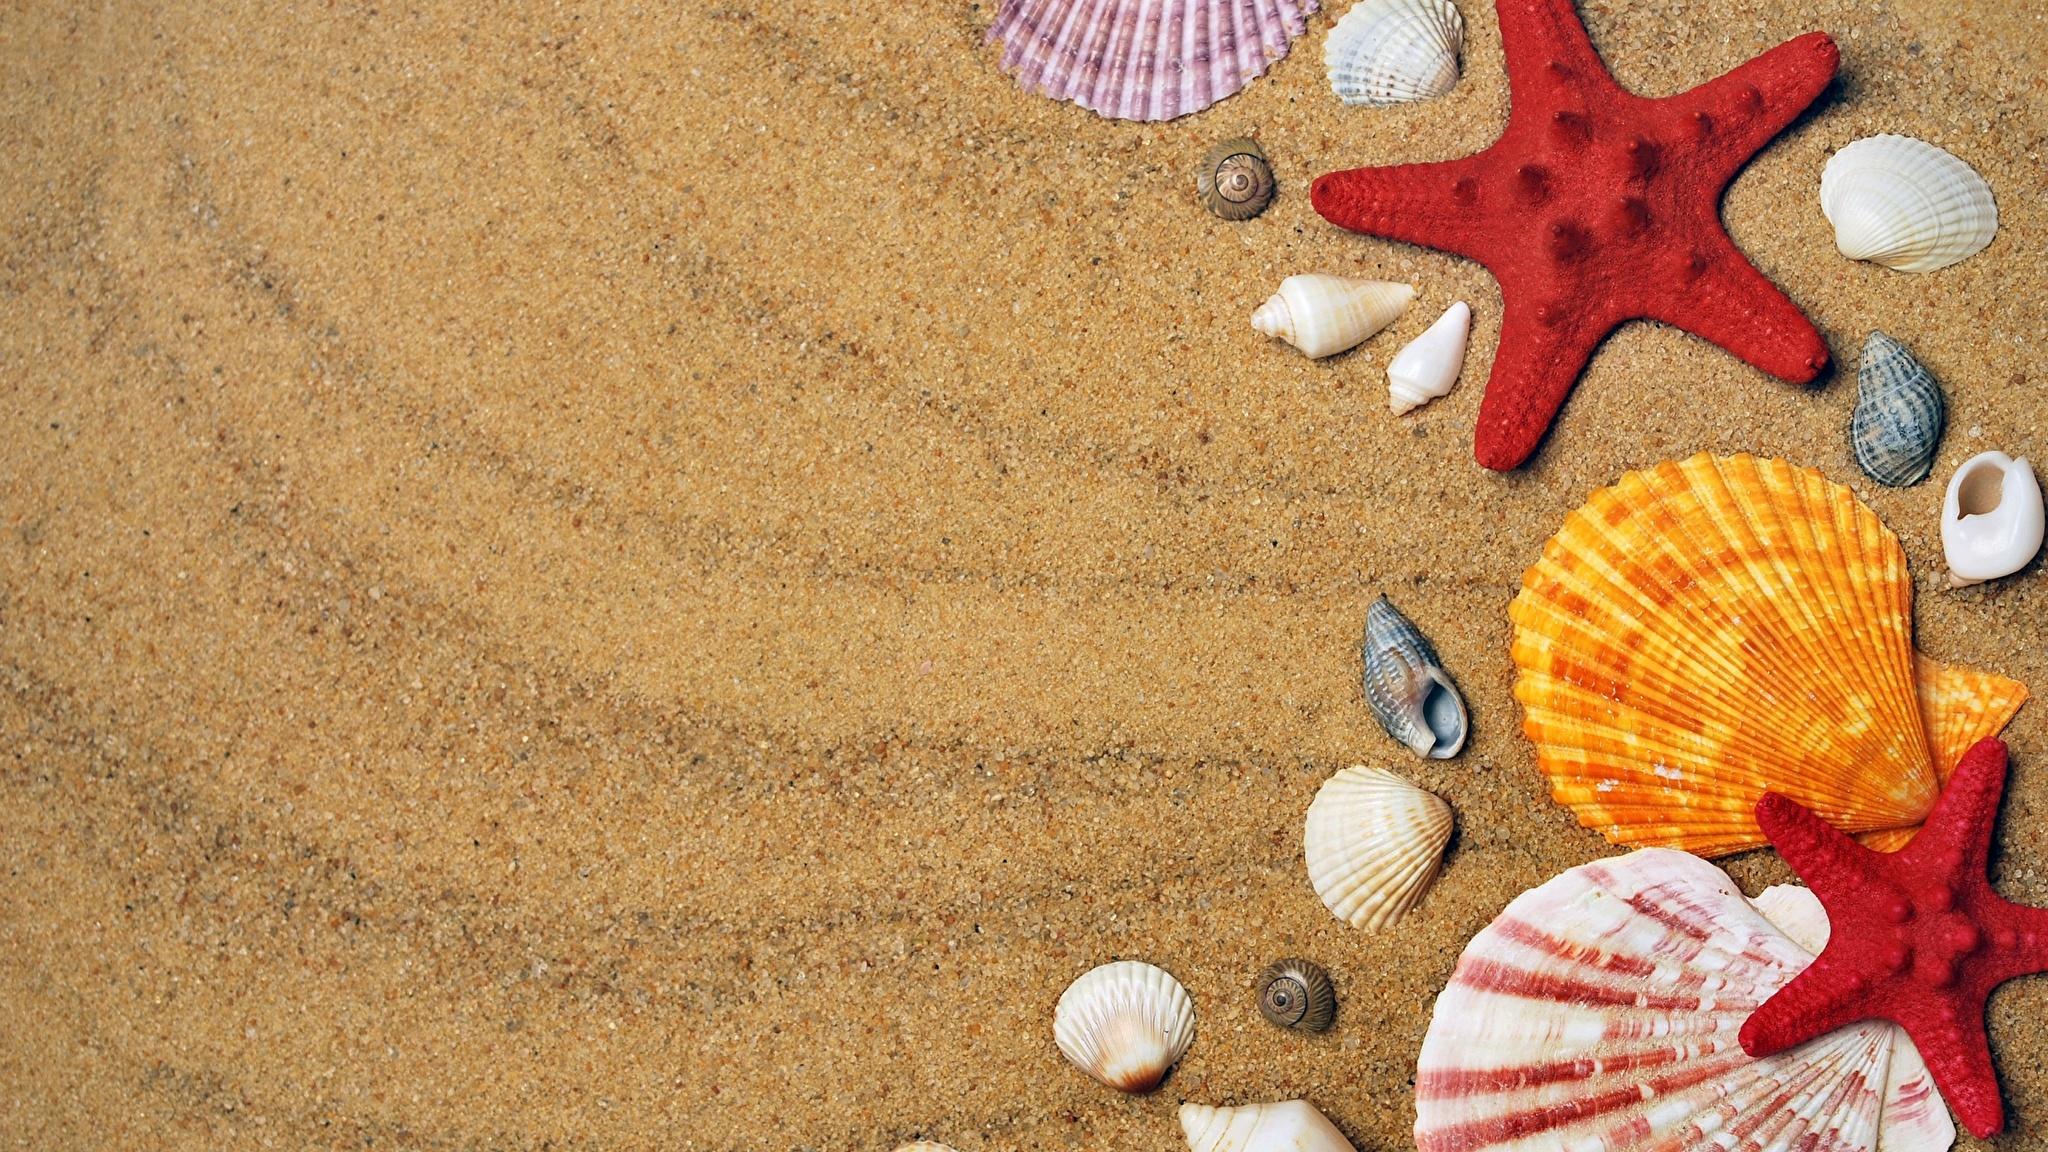 морская звезда песок ракушка загрузить